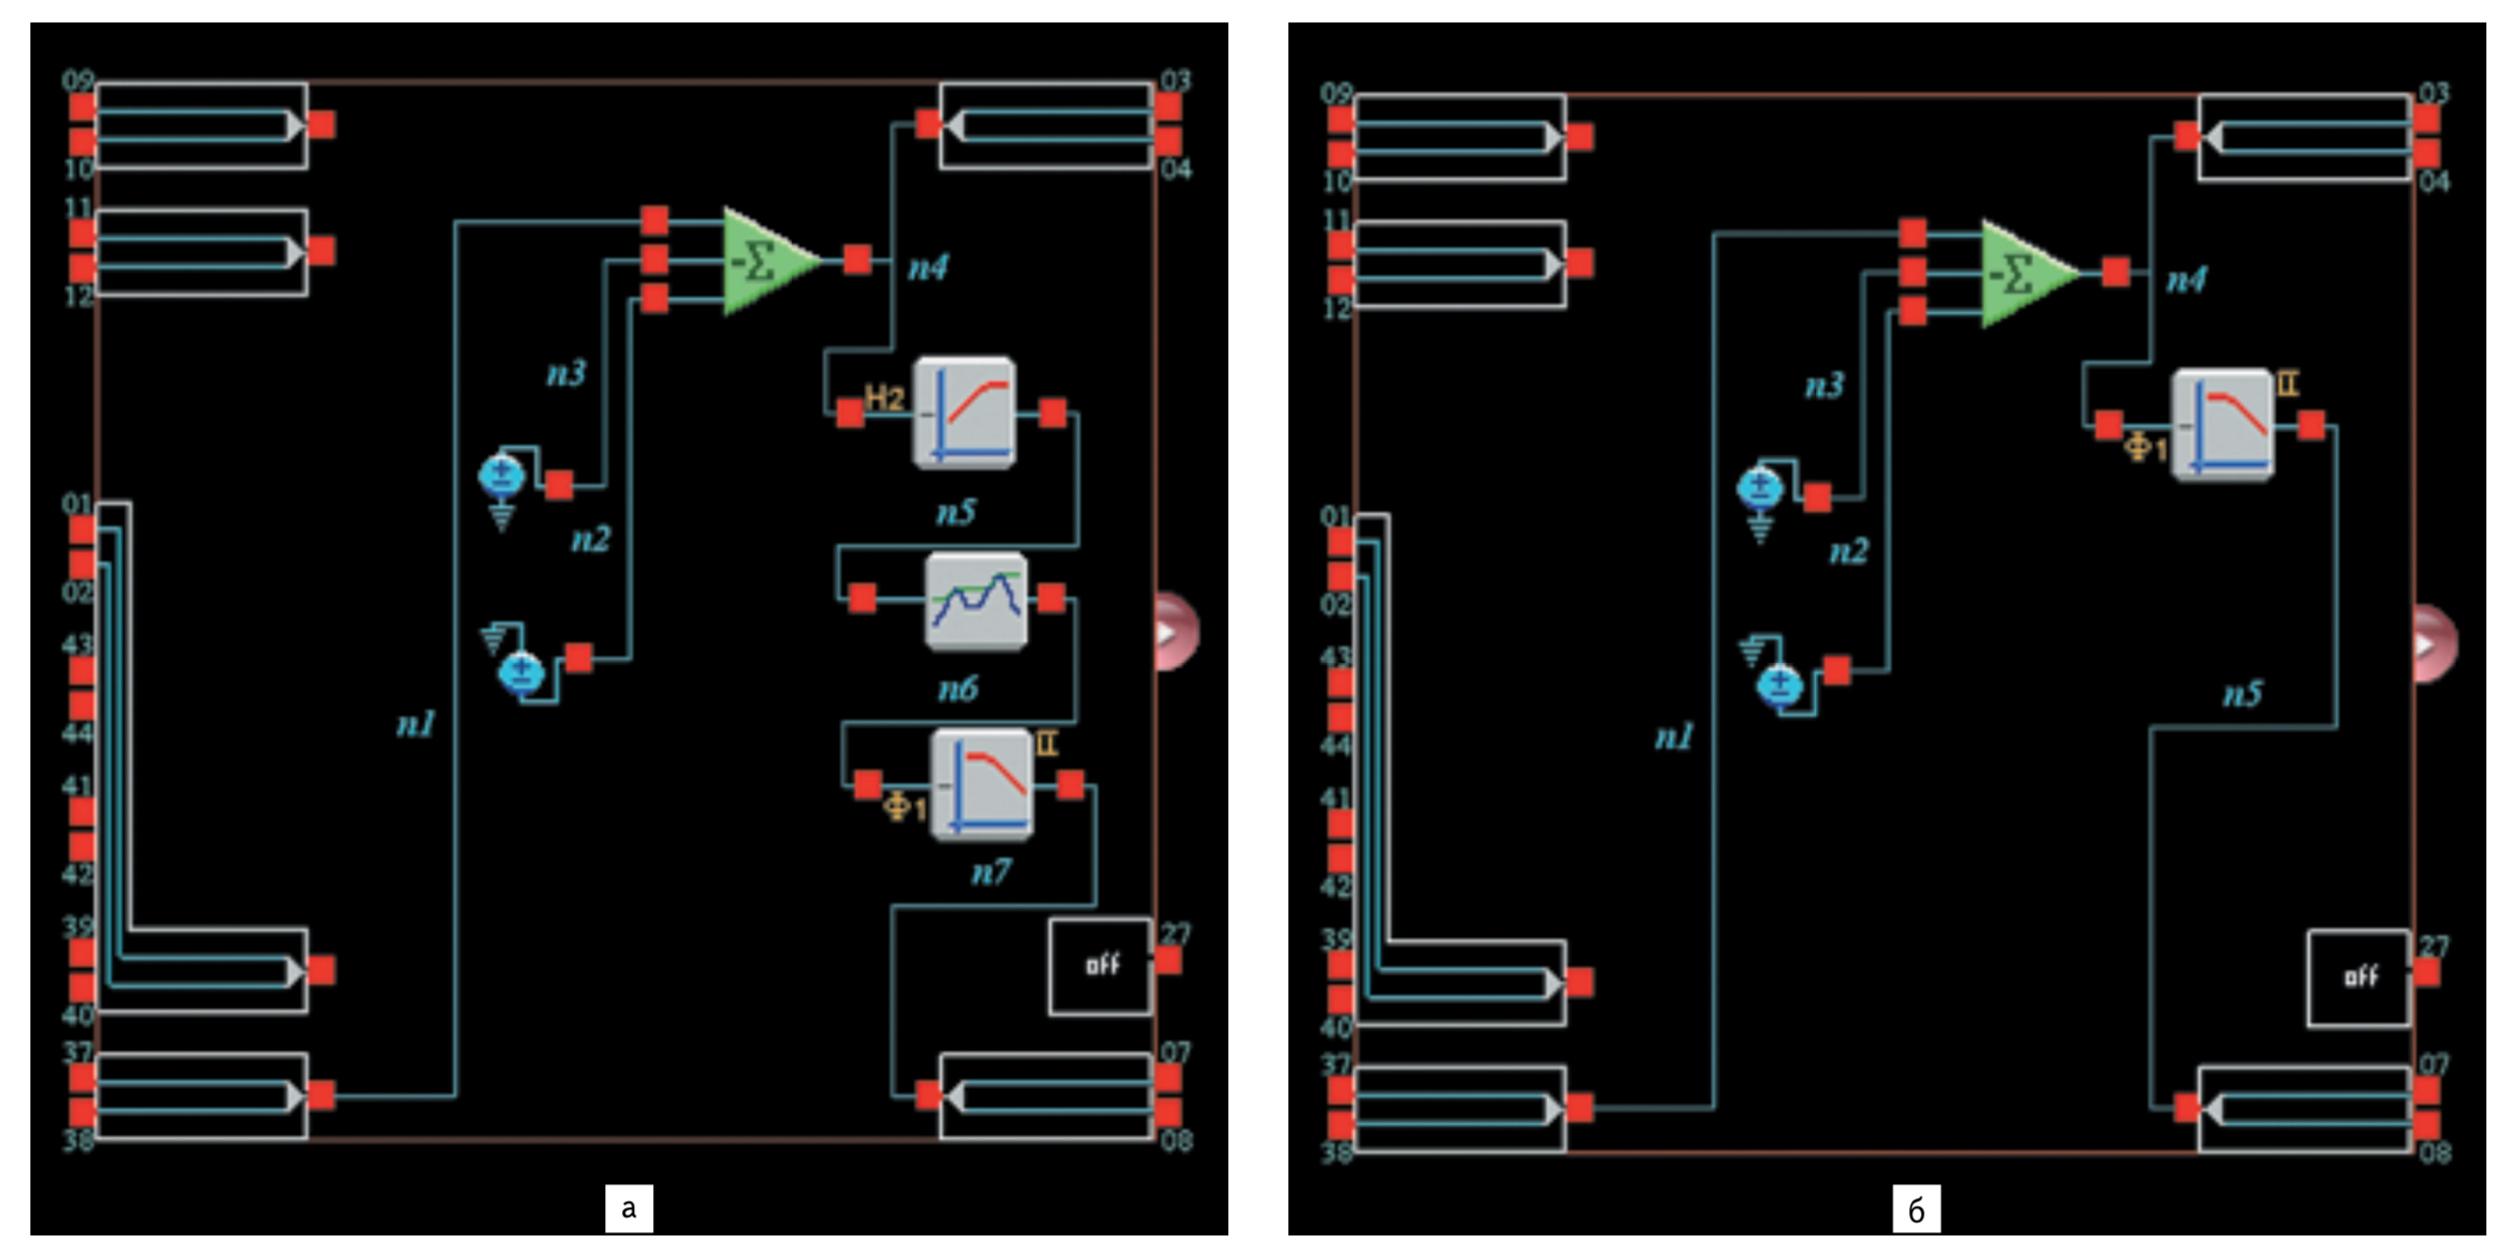 Реализация АРУ для сигналов с постоянной составляющей, с помощью динамического программирования ПАИС Anadigm (меняются не только параметры элементов схемы, но и сама топология схемы)